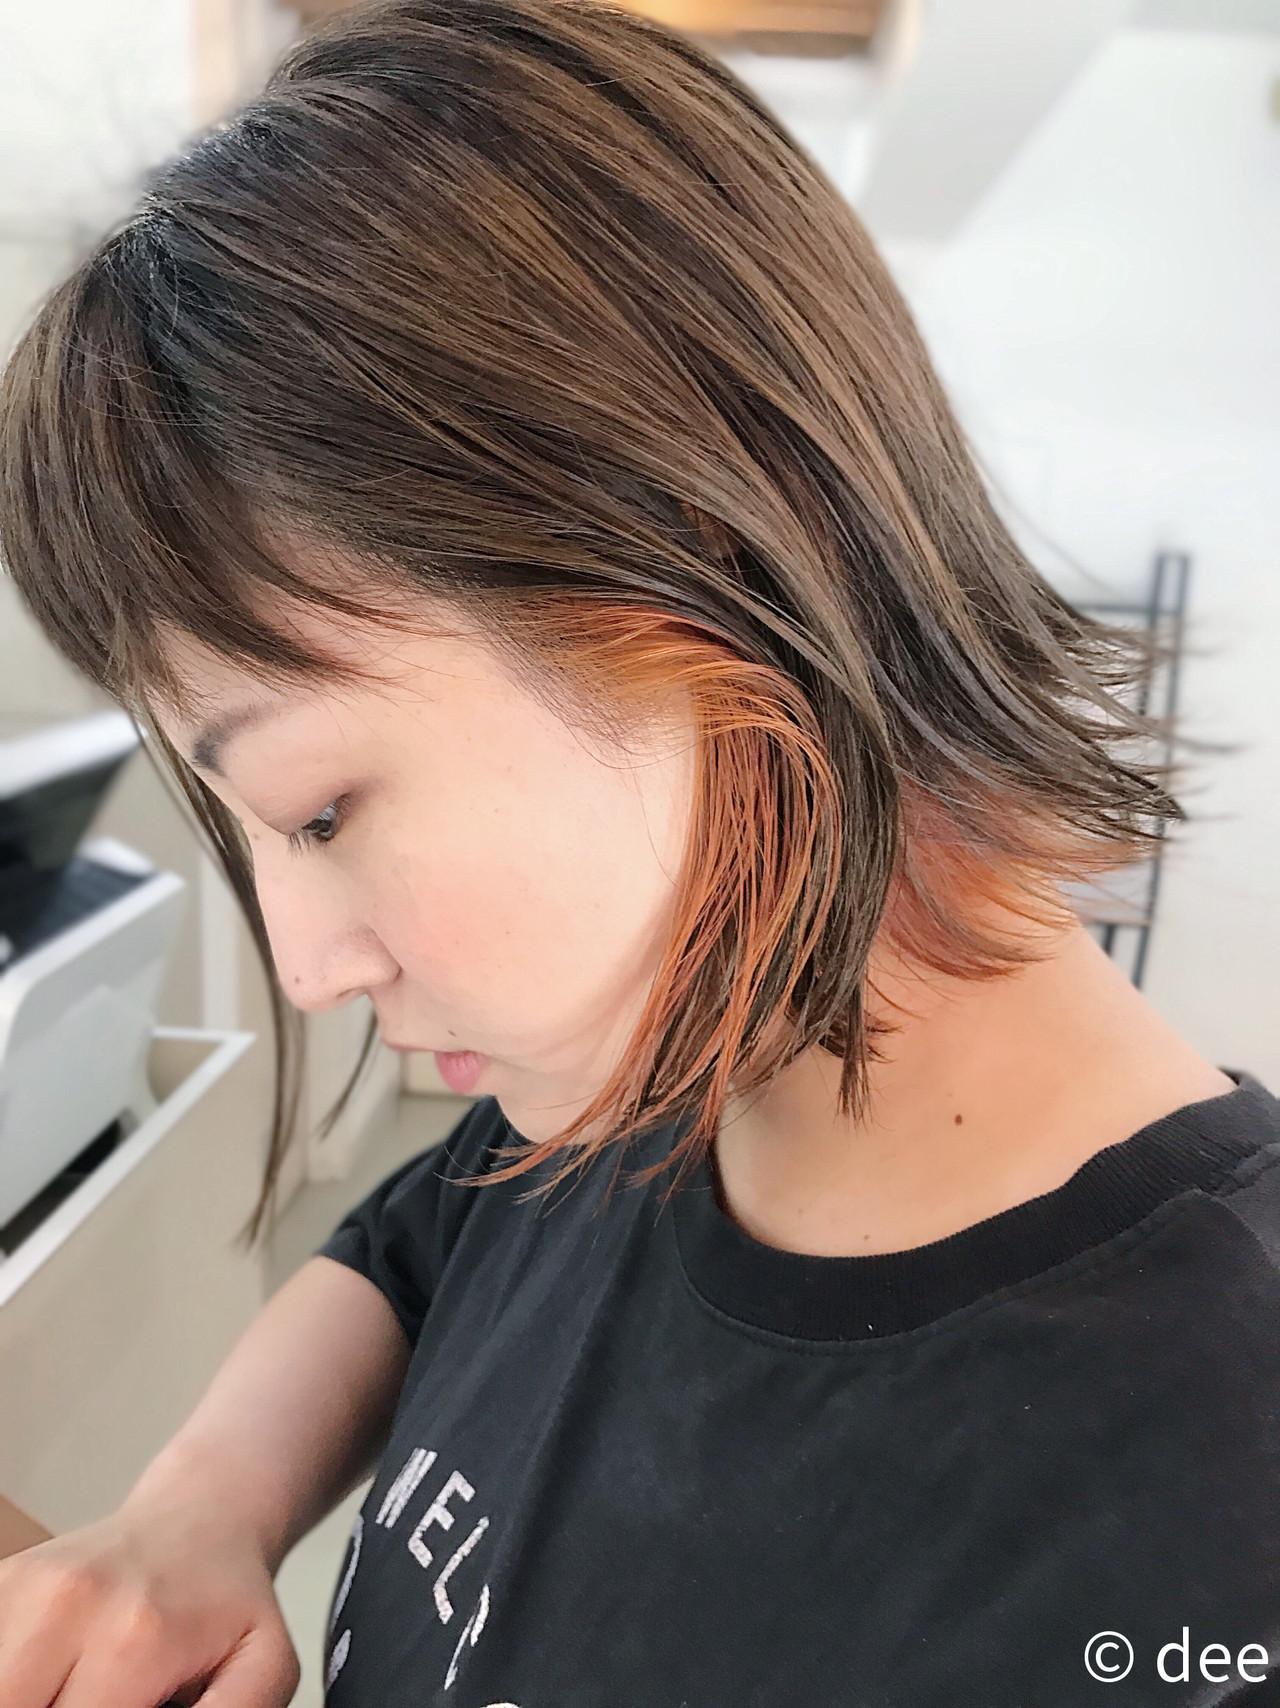 ブリーチ オレンジ ショート カーキ ヘアスタイルや髪型の写真・画像 | dee / dee